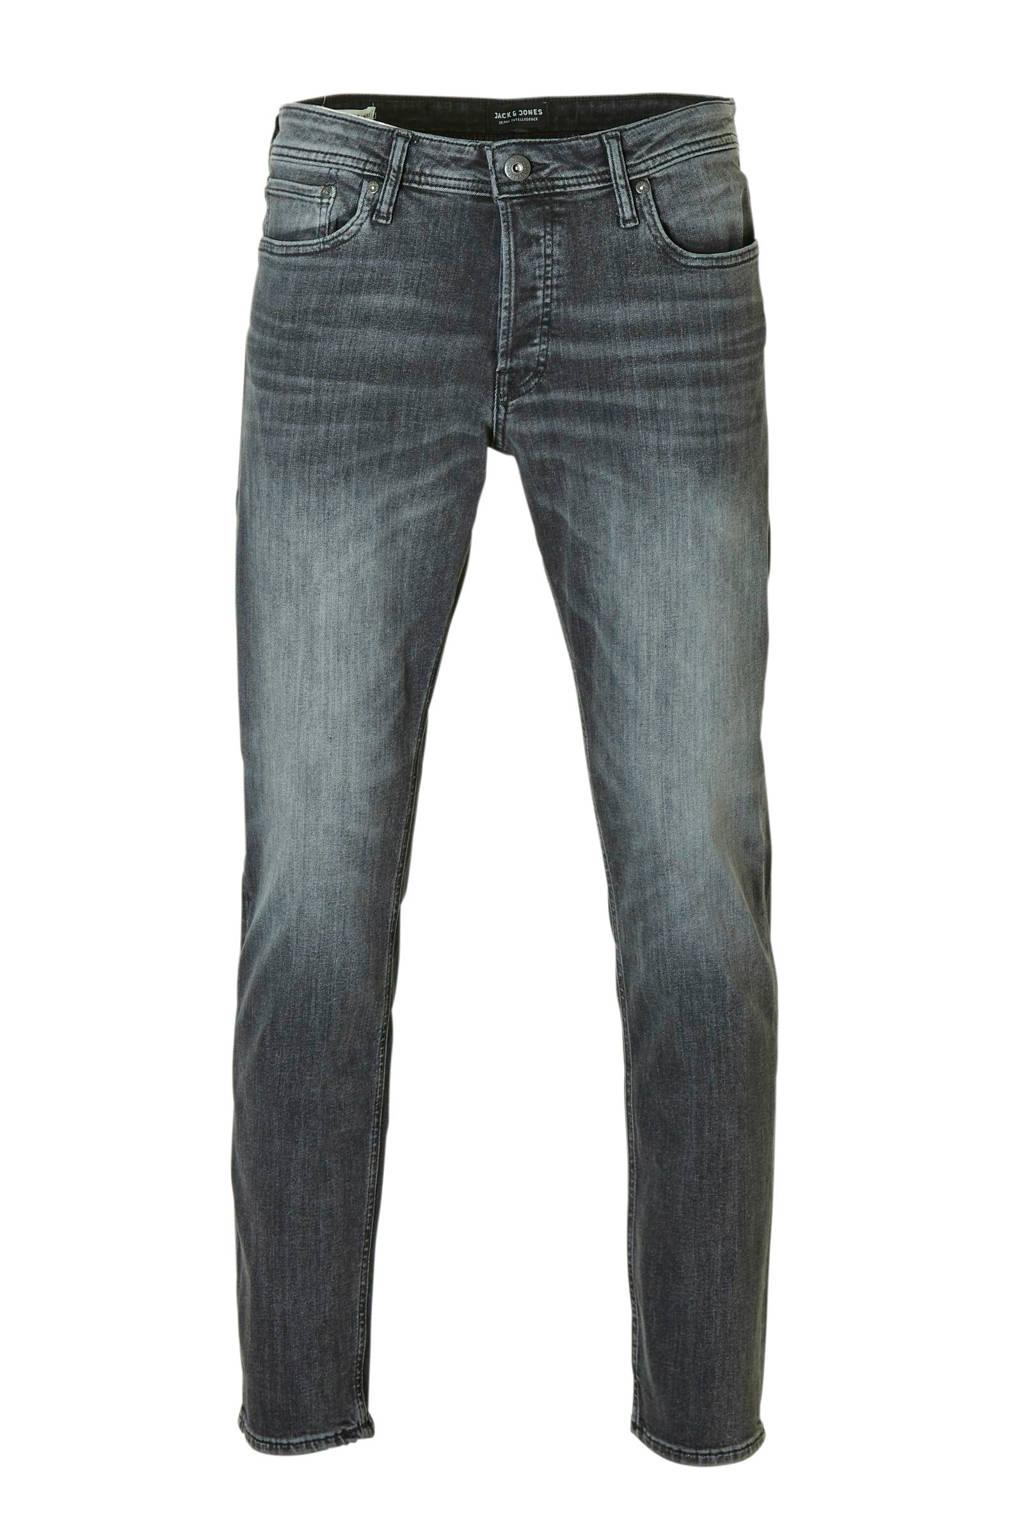 Jack & Jones Originals  regular jeans Mike, Grijs/zwart